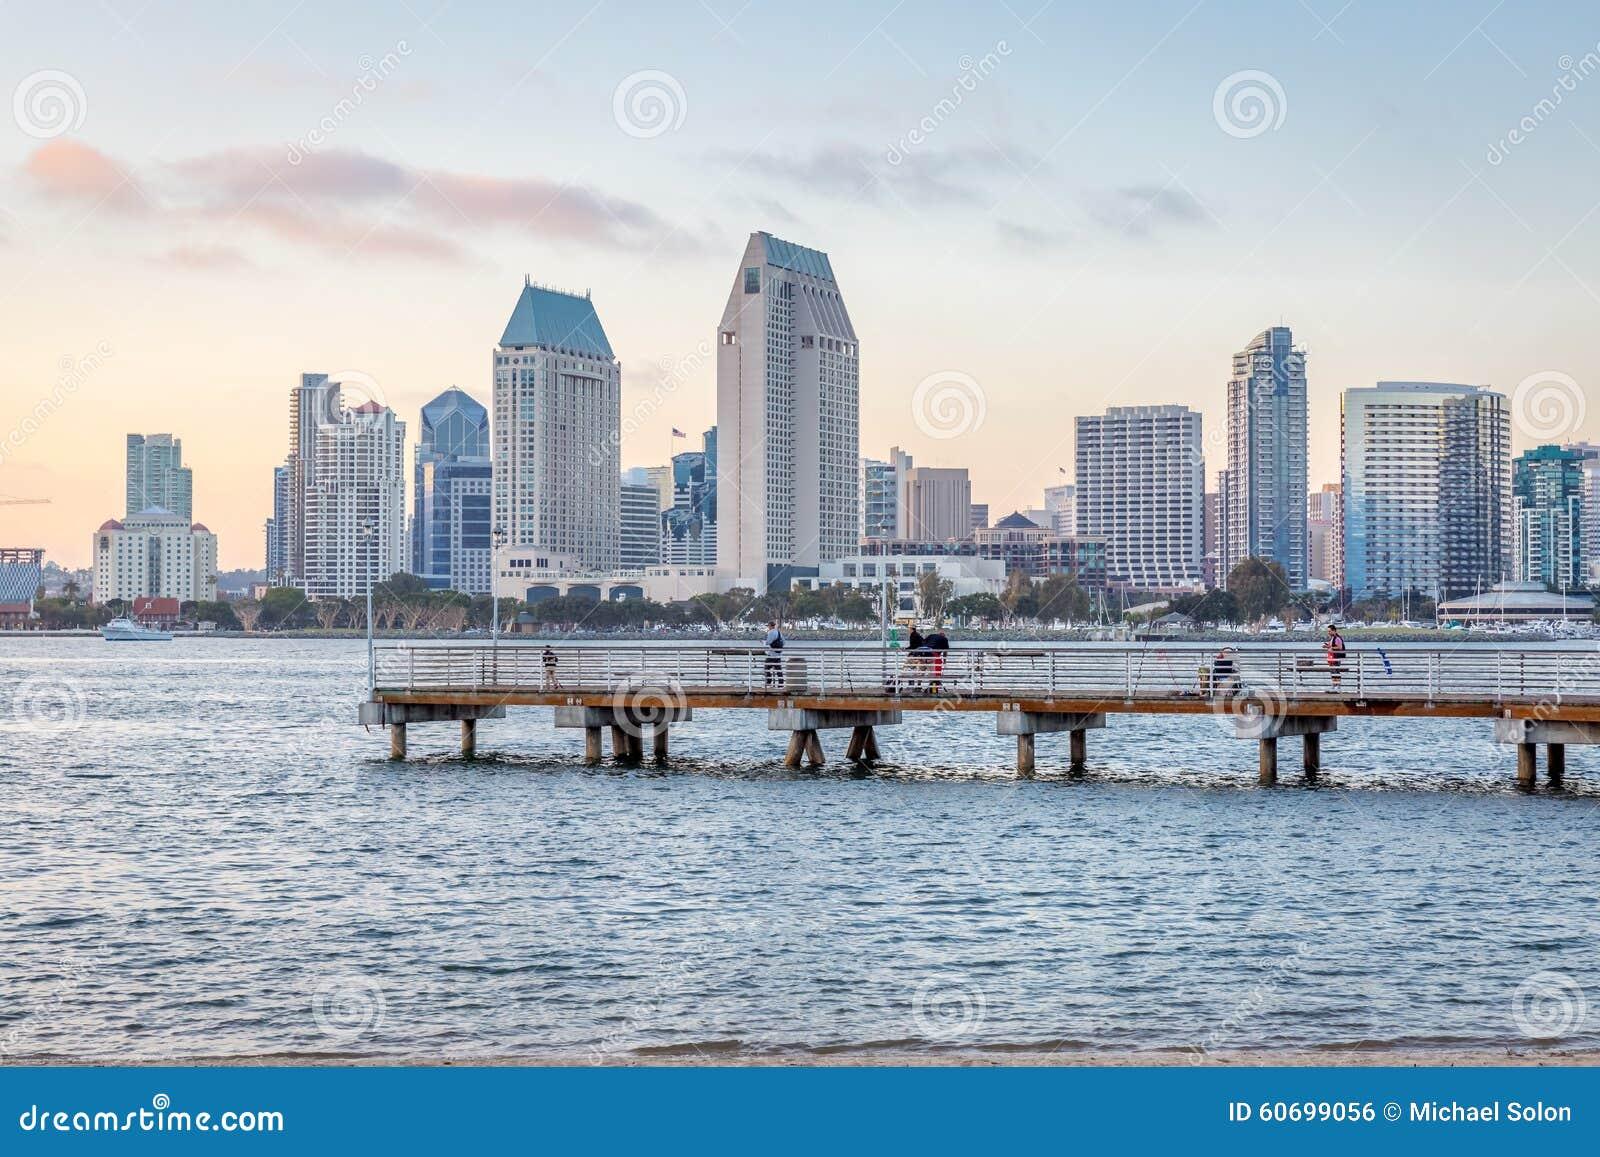 San Diego Downtown Skyline Day Shot